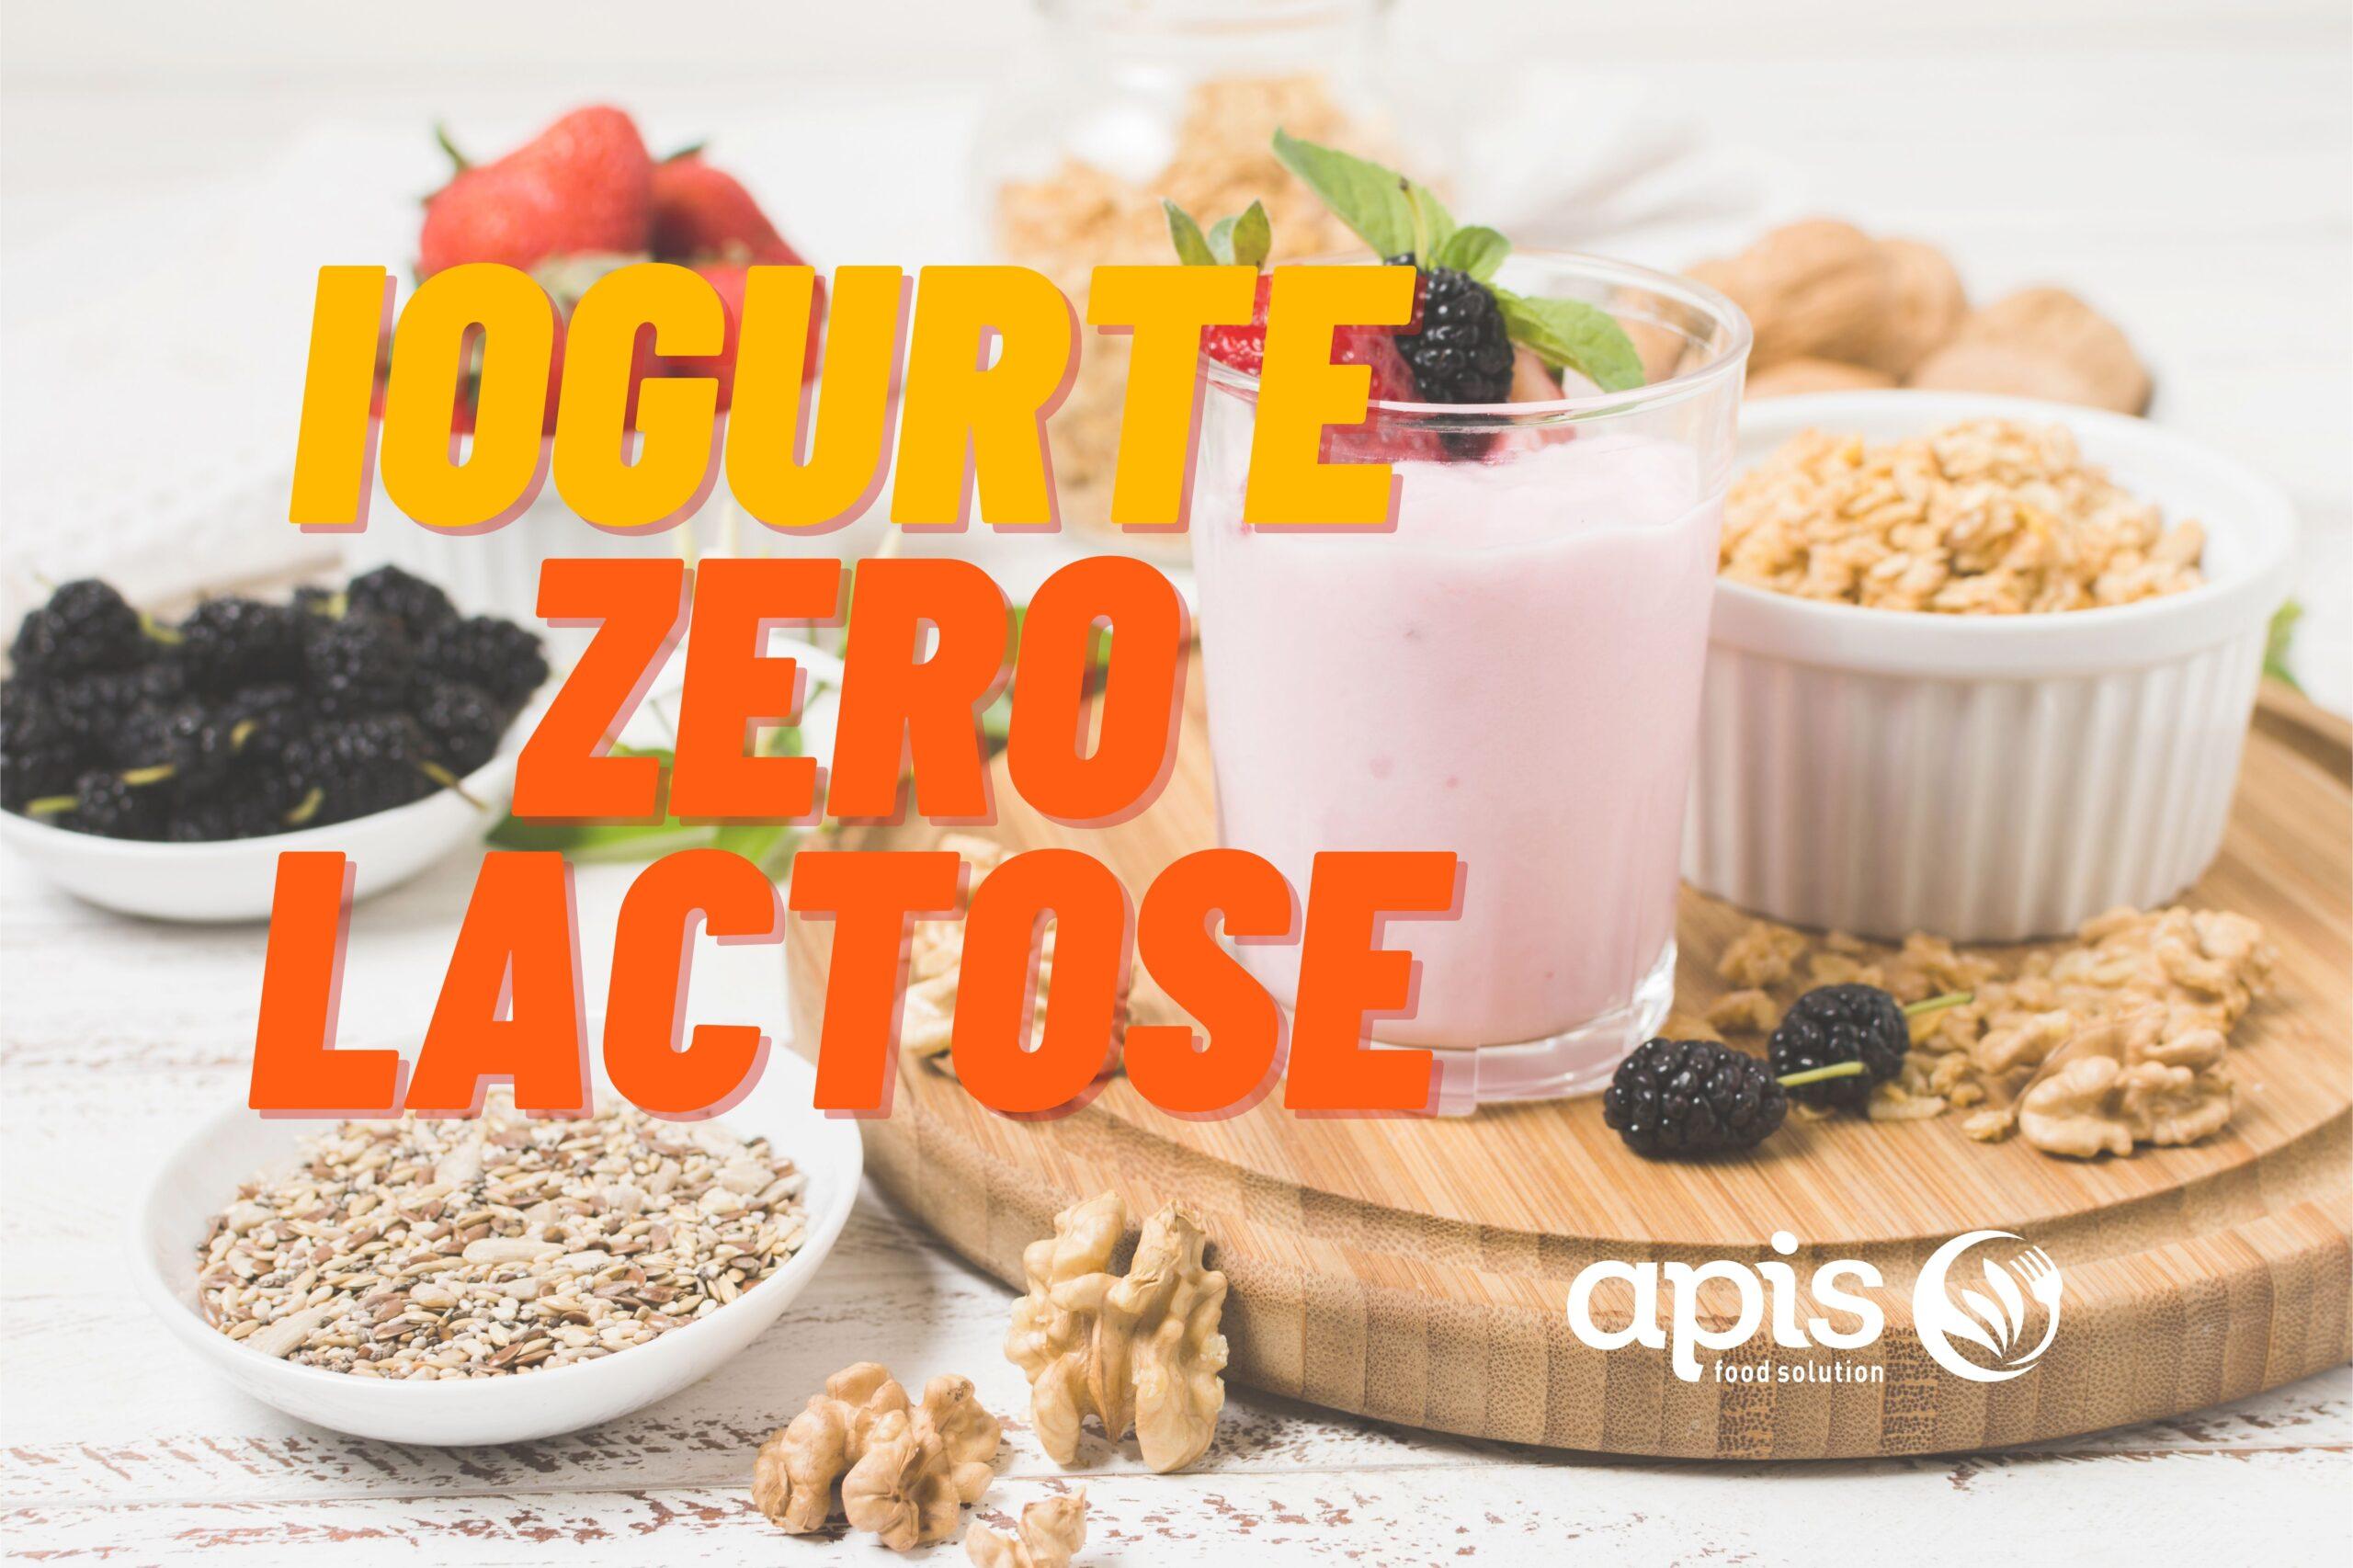 Iogurte Zero Lactose